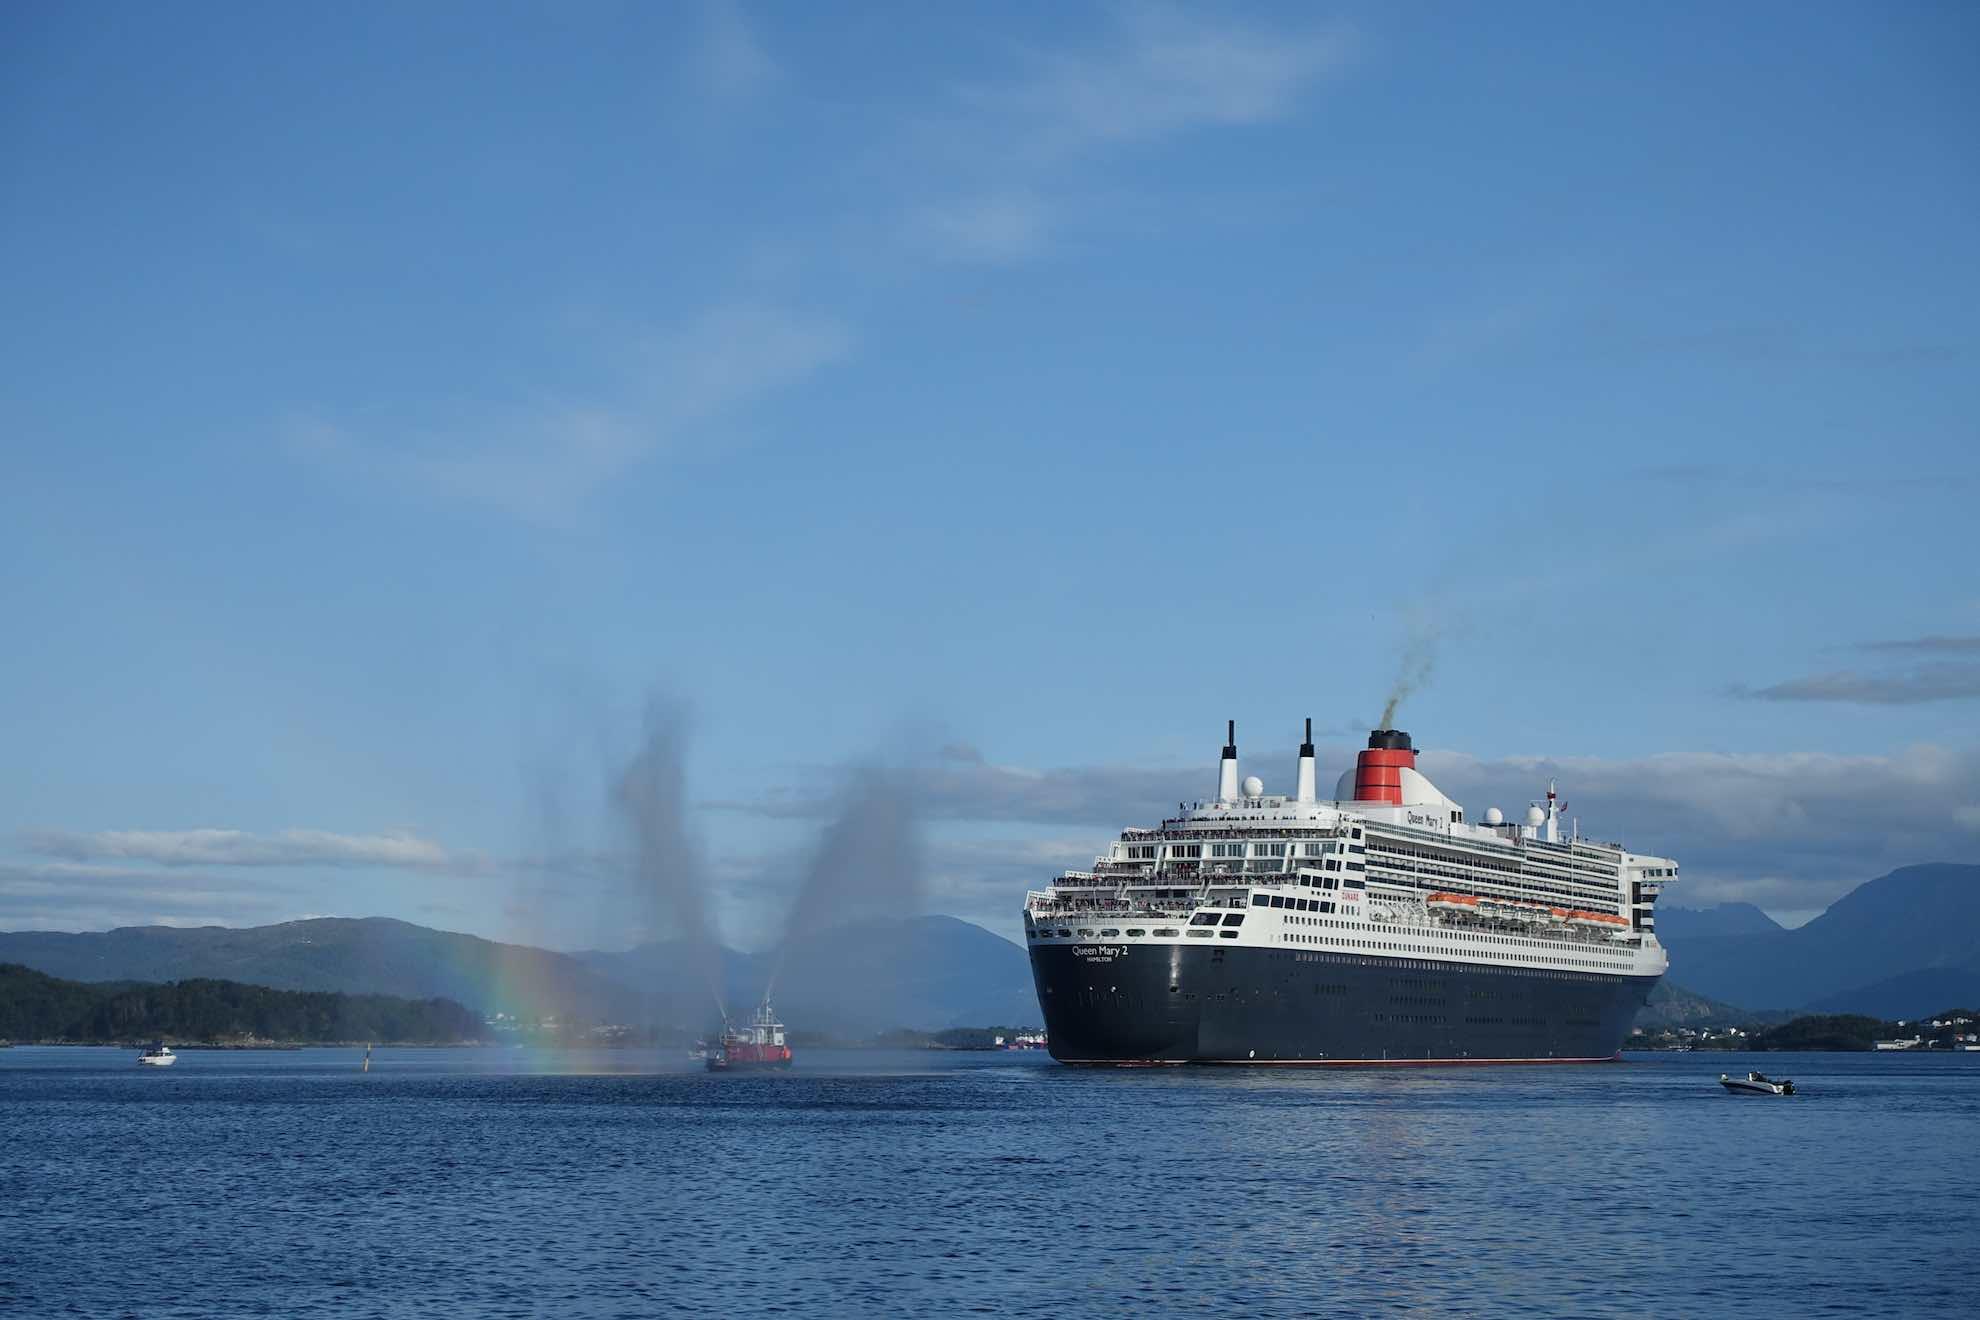 Ein Löschboot zaubert ihr zu Ehren einen Regenbogen in die Luft.